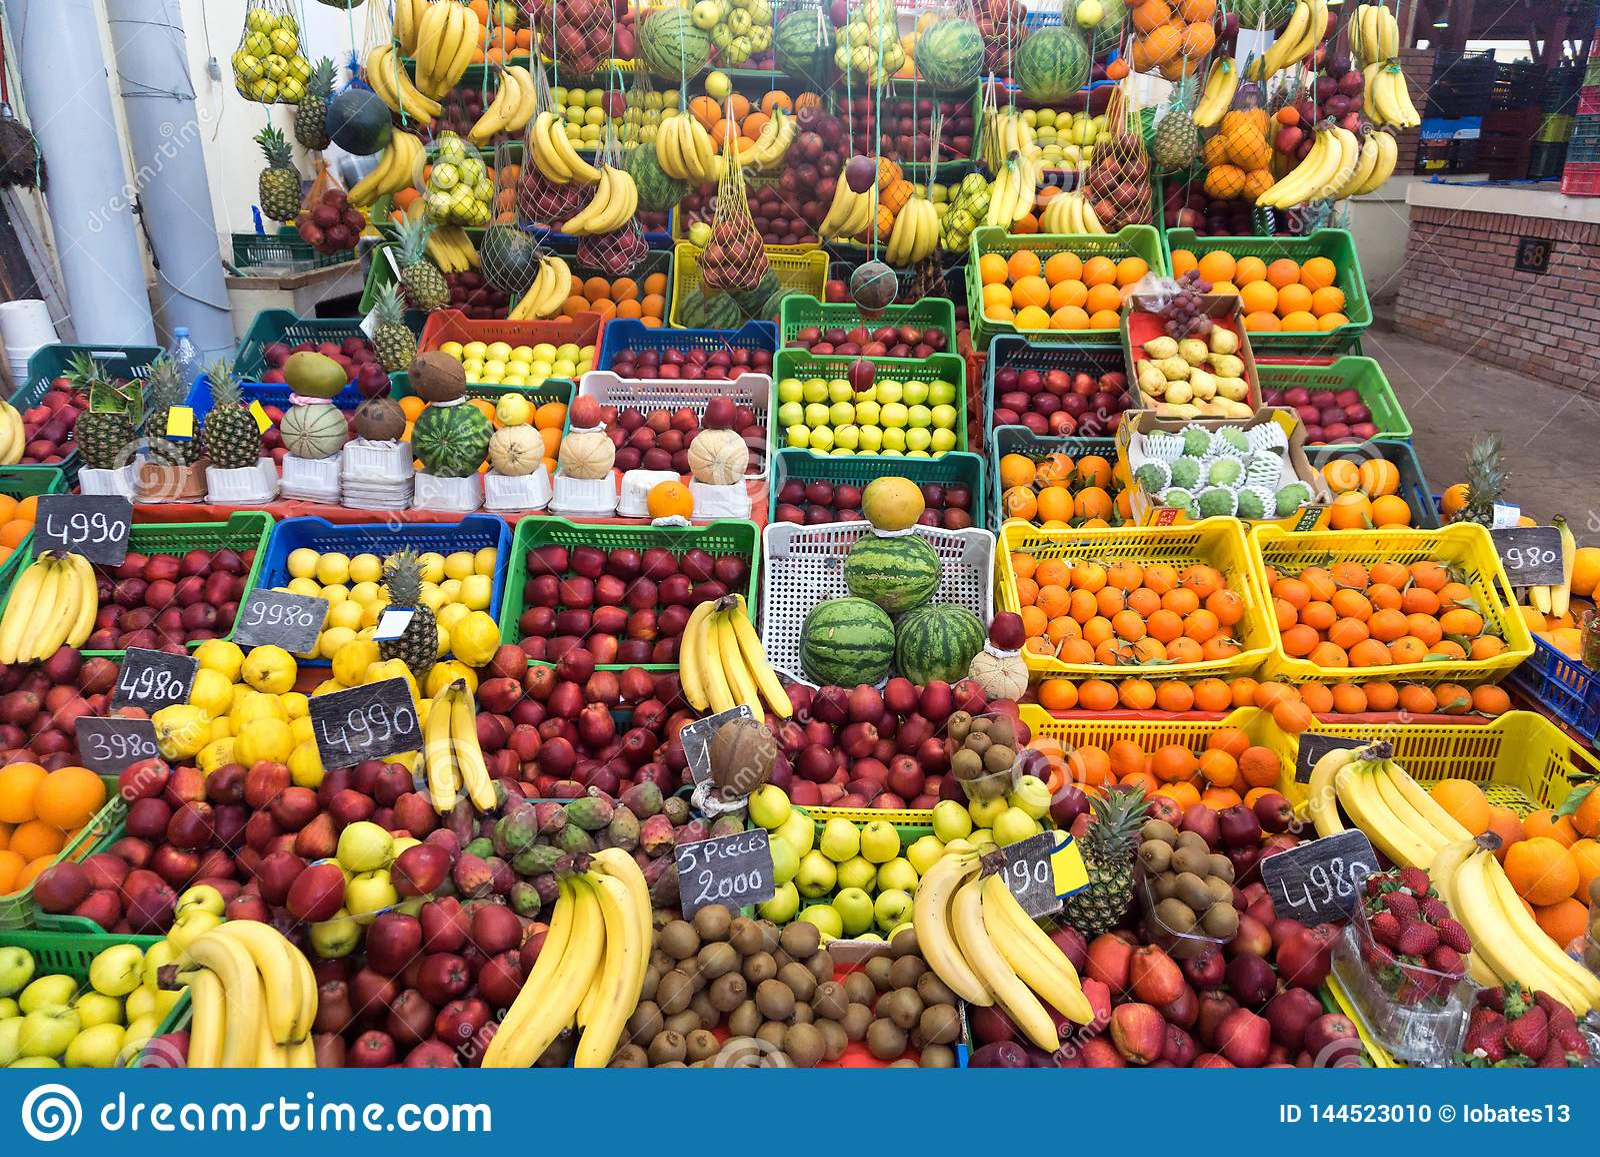 Mercado de fruto em Tunes, Tunísia